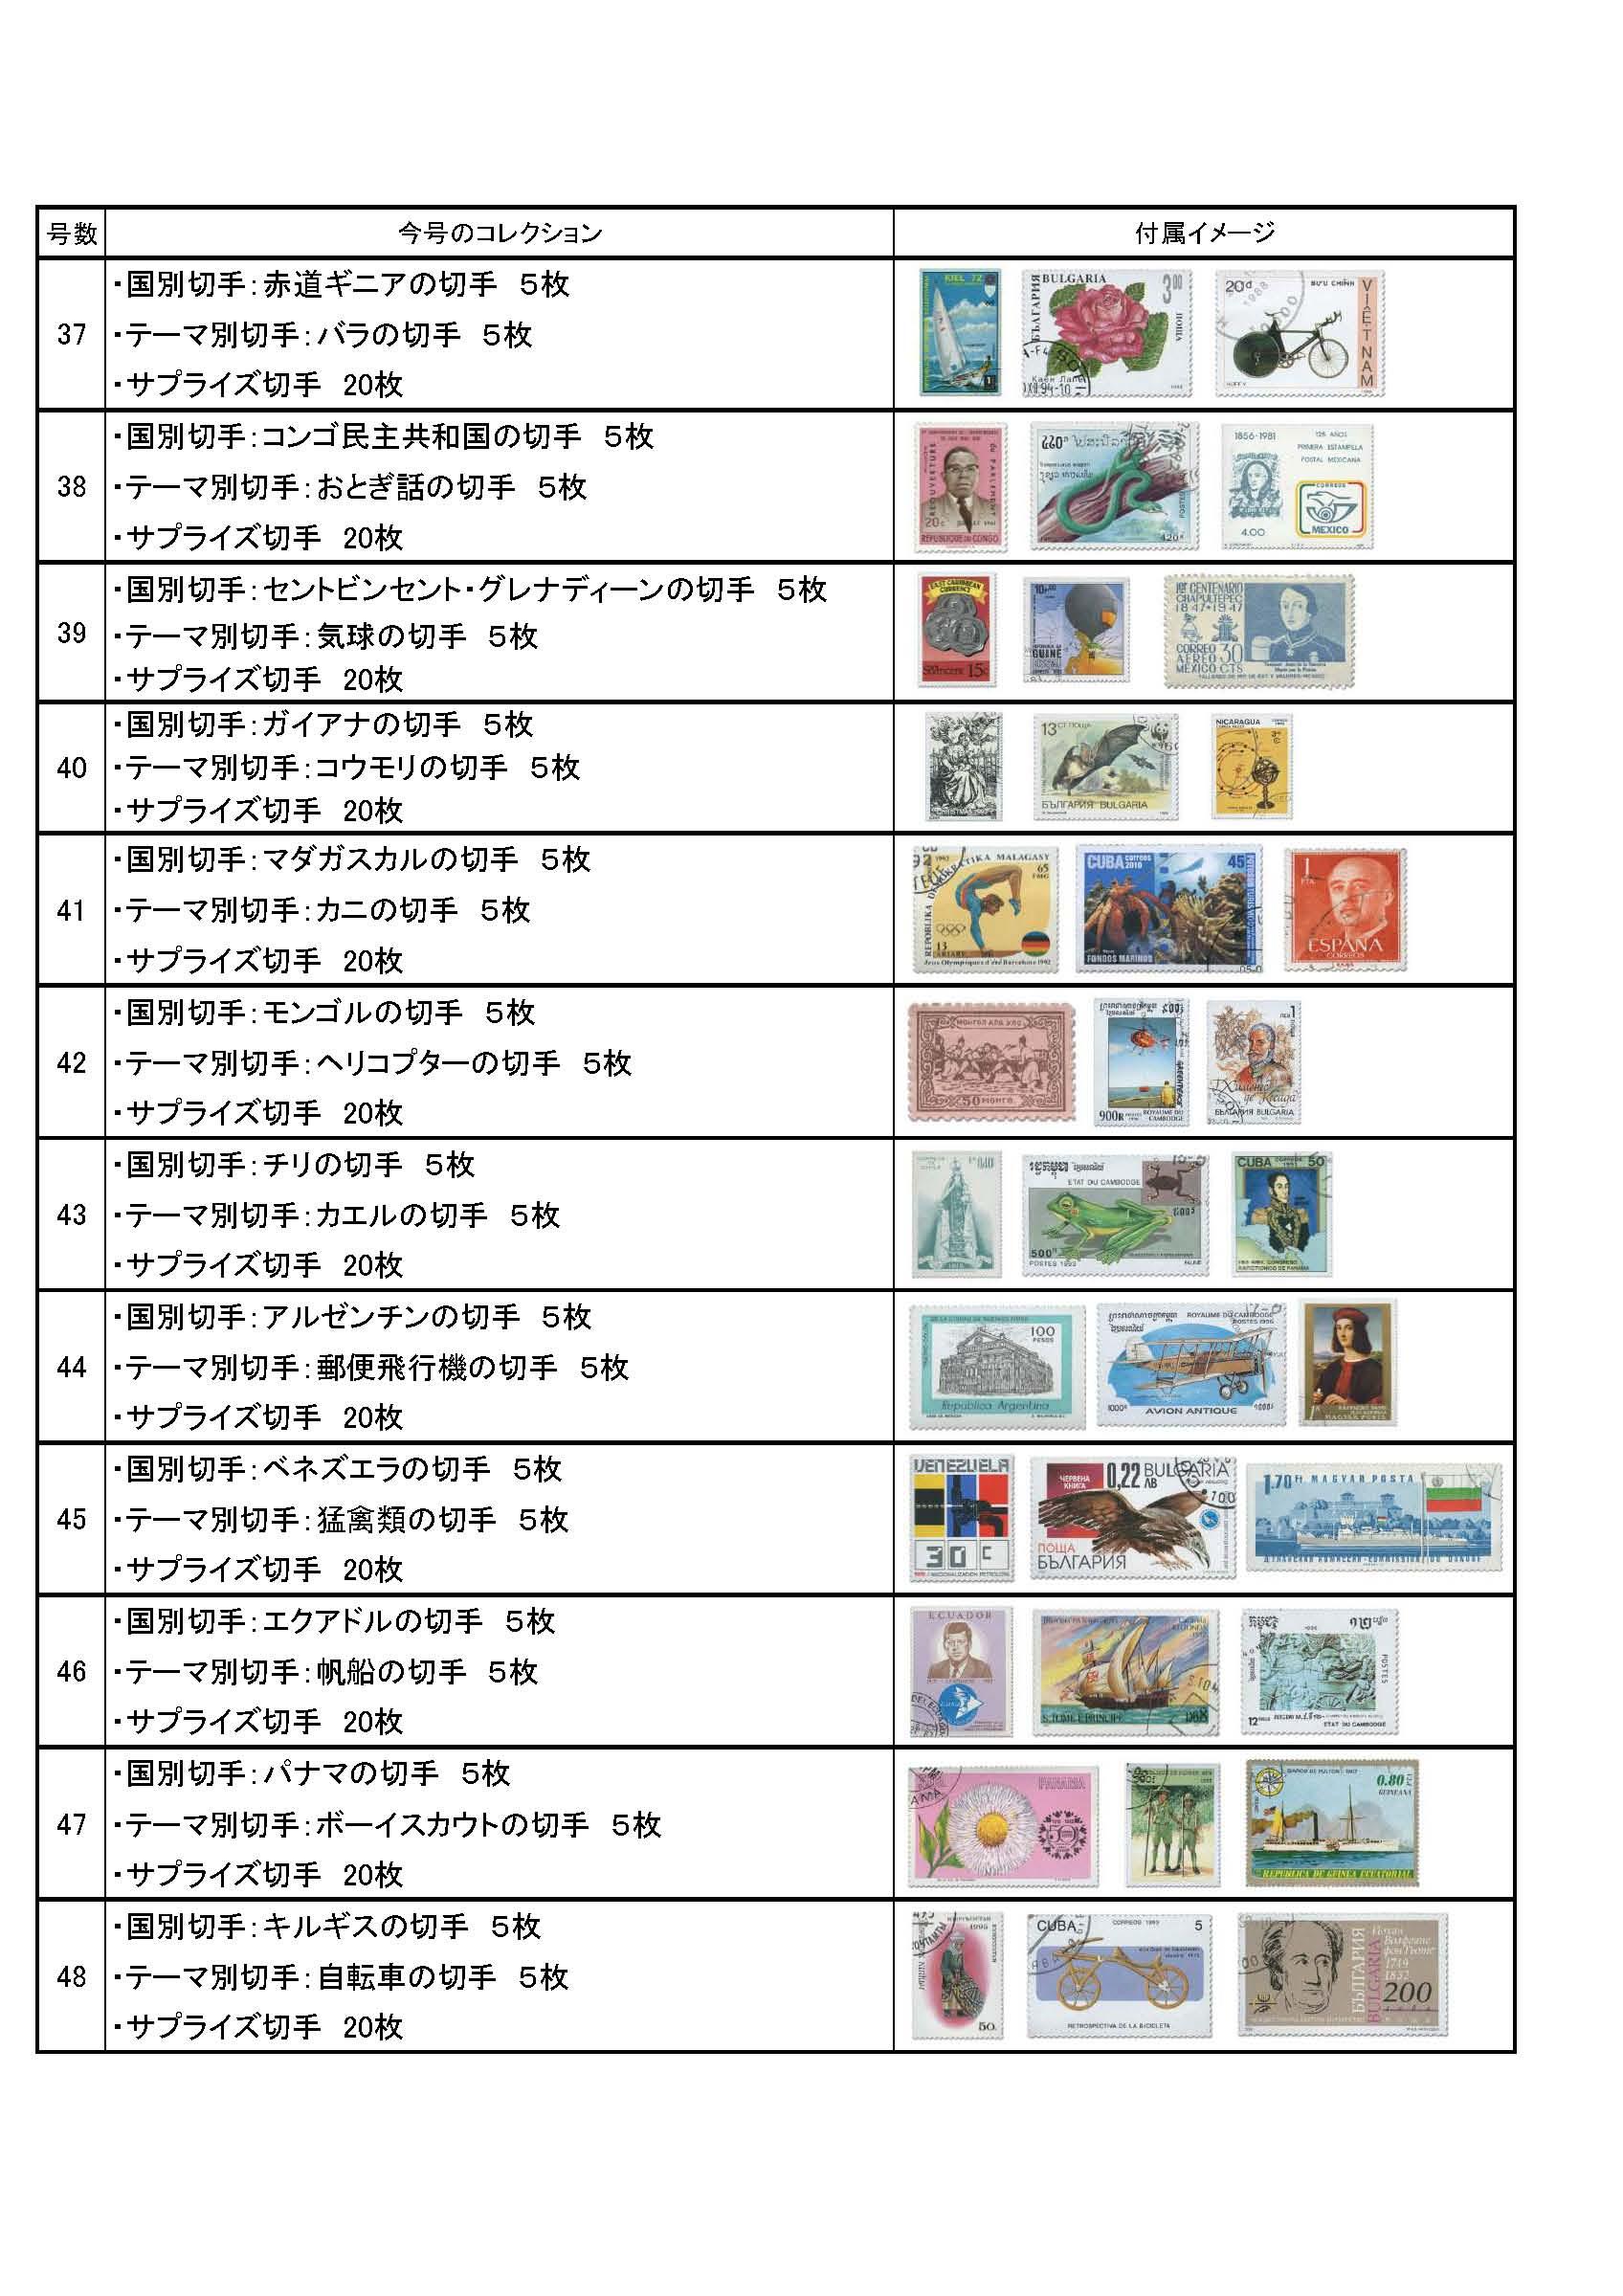 付属切手ラインナップ20170306_ページ_04.jpg